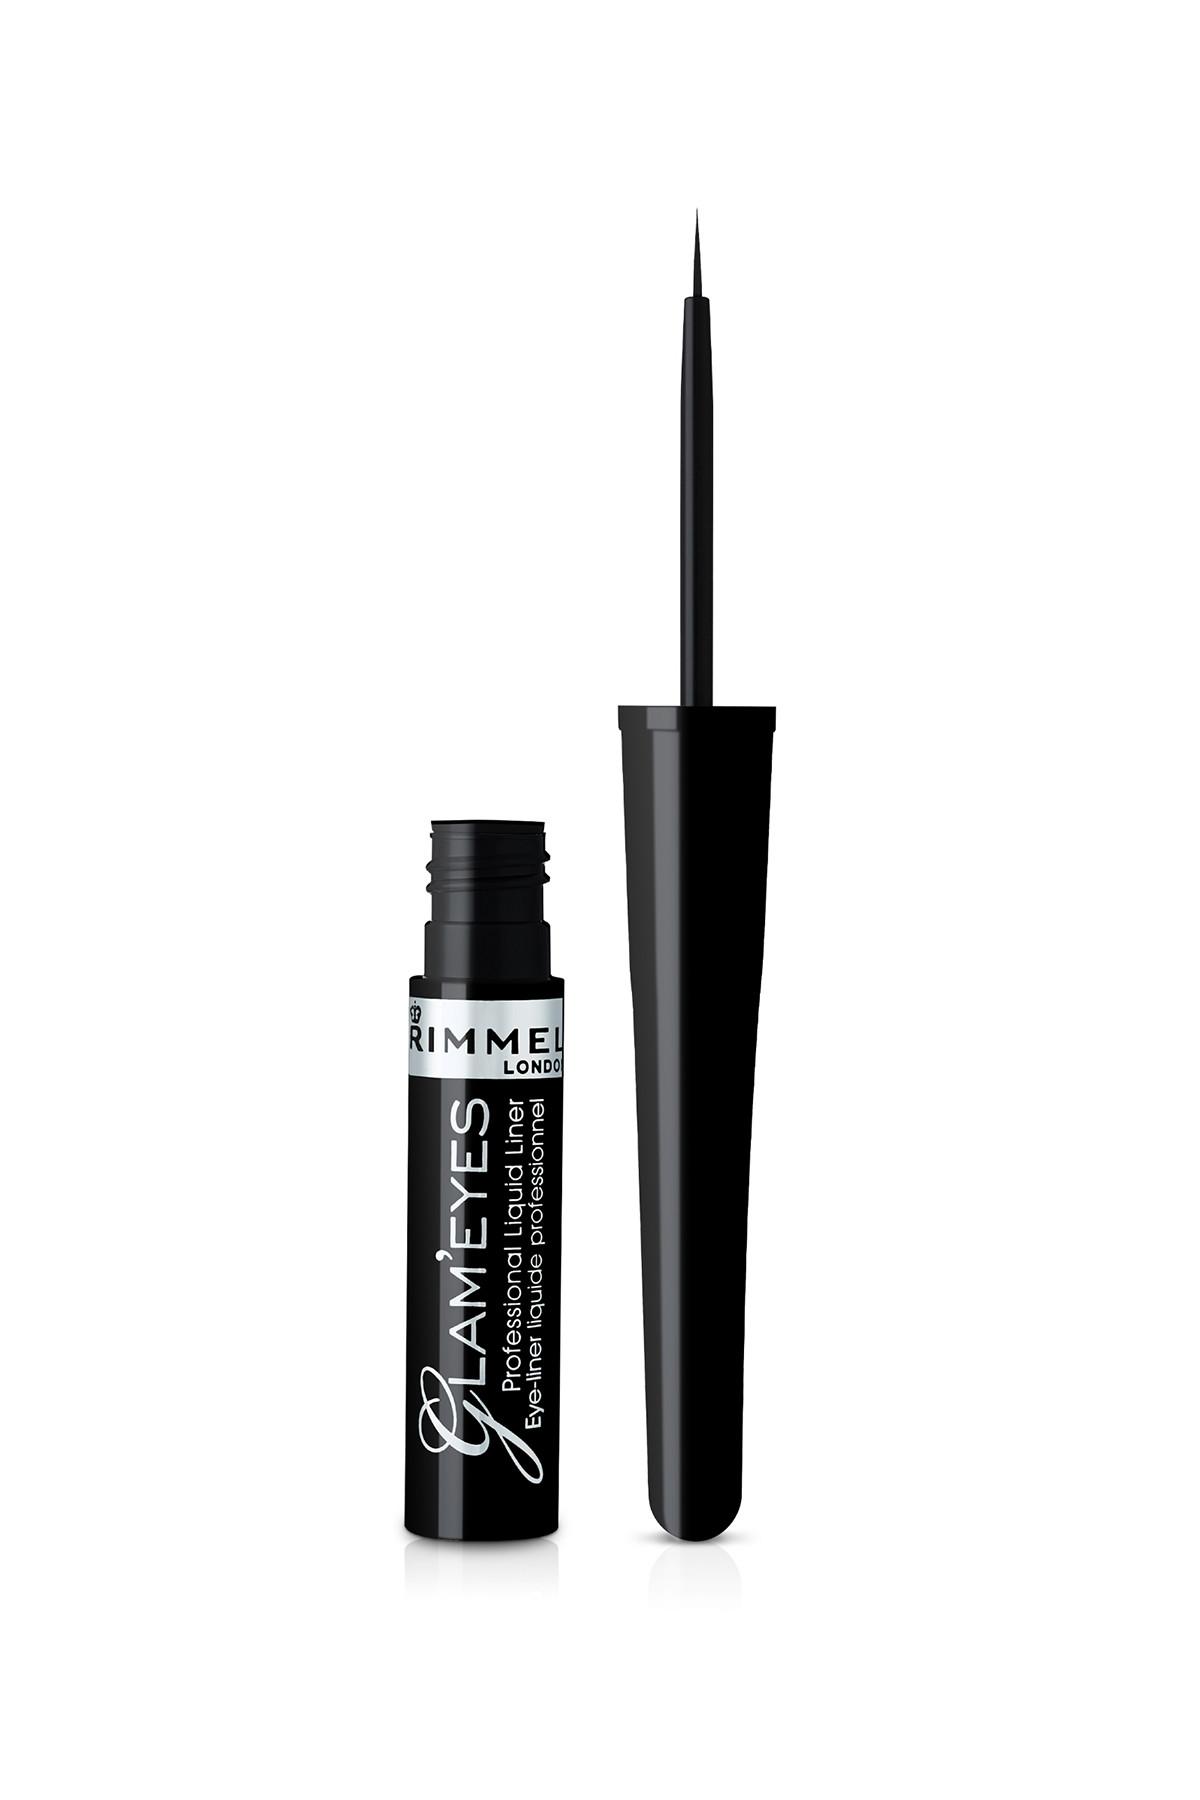 Siyah Eyeliner - Glam'Eyes Professional Liquid Eyeliner Black Glamour 3607344174083